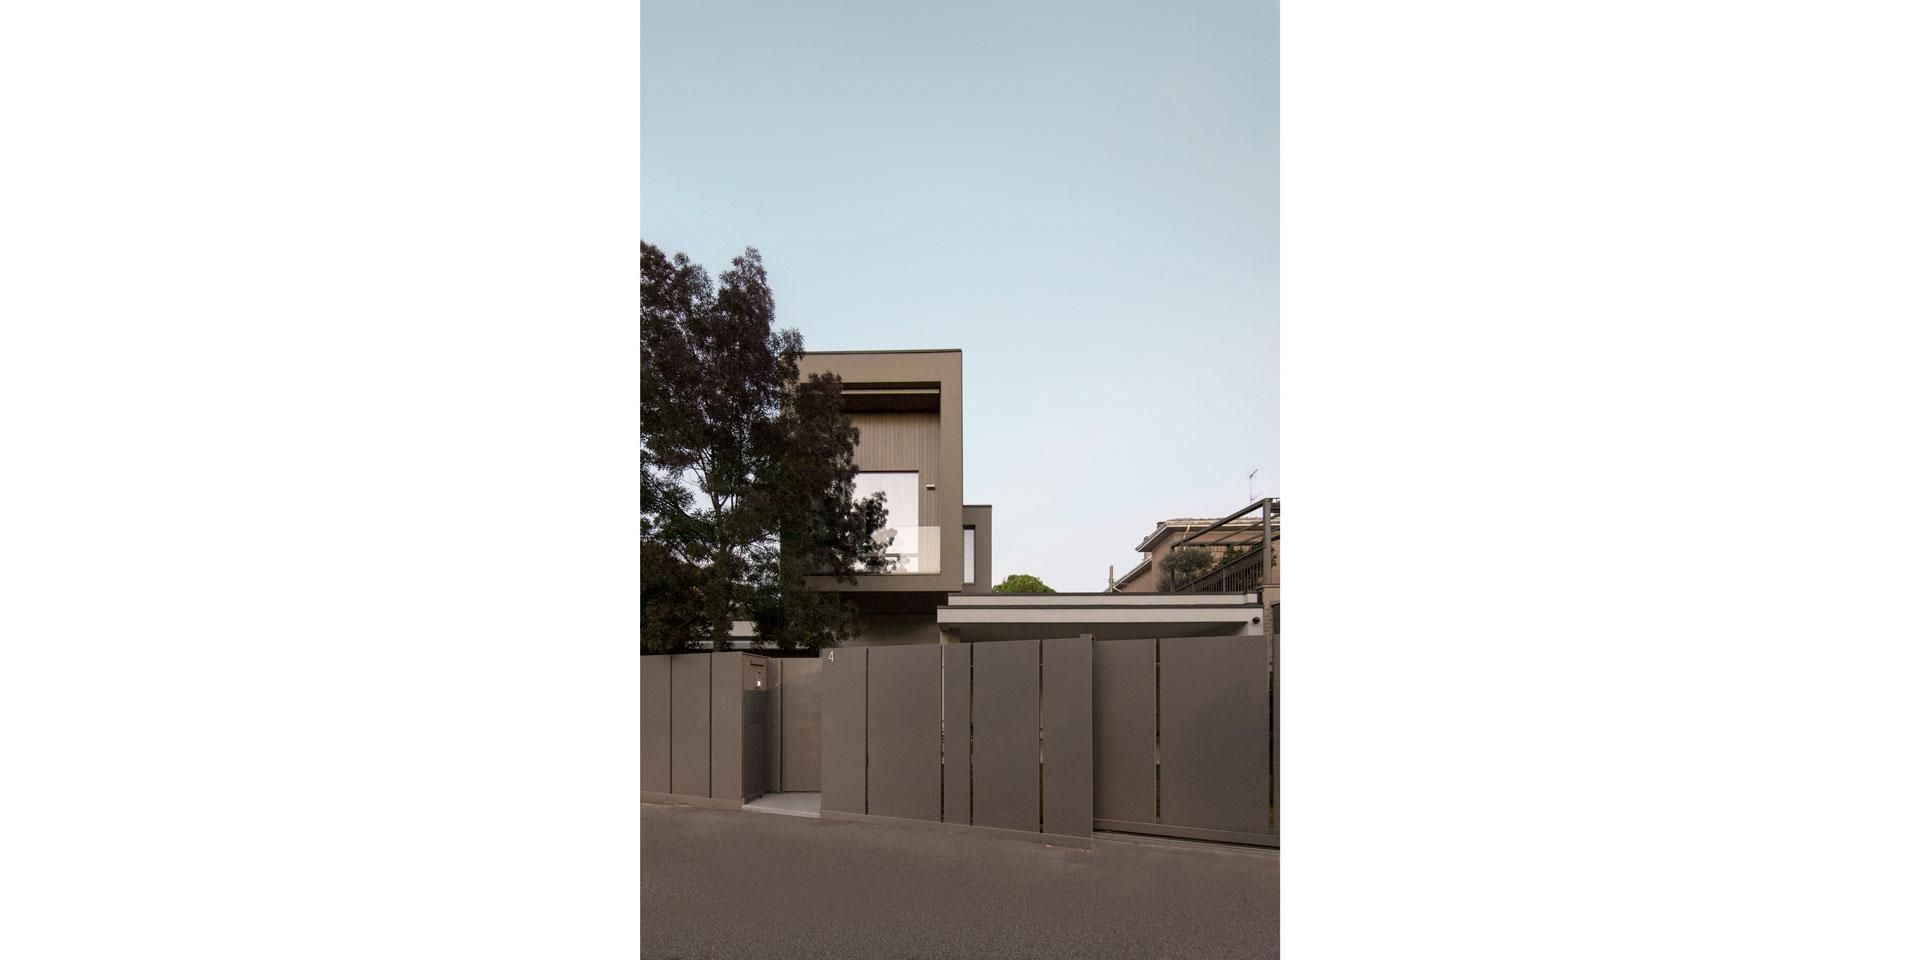 archinow_MAR_residenza-privata-rimini_02-1